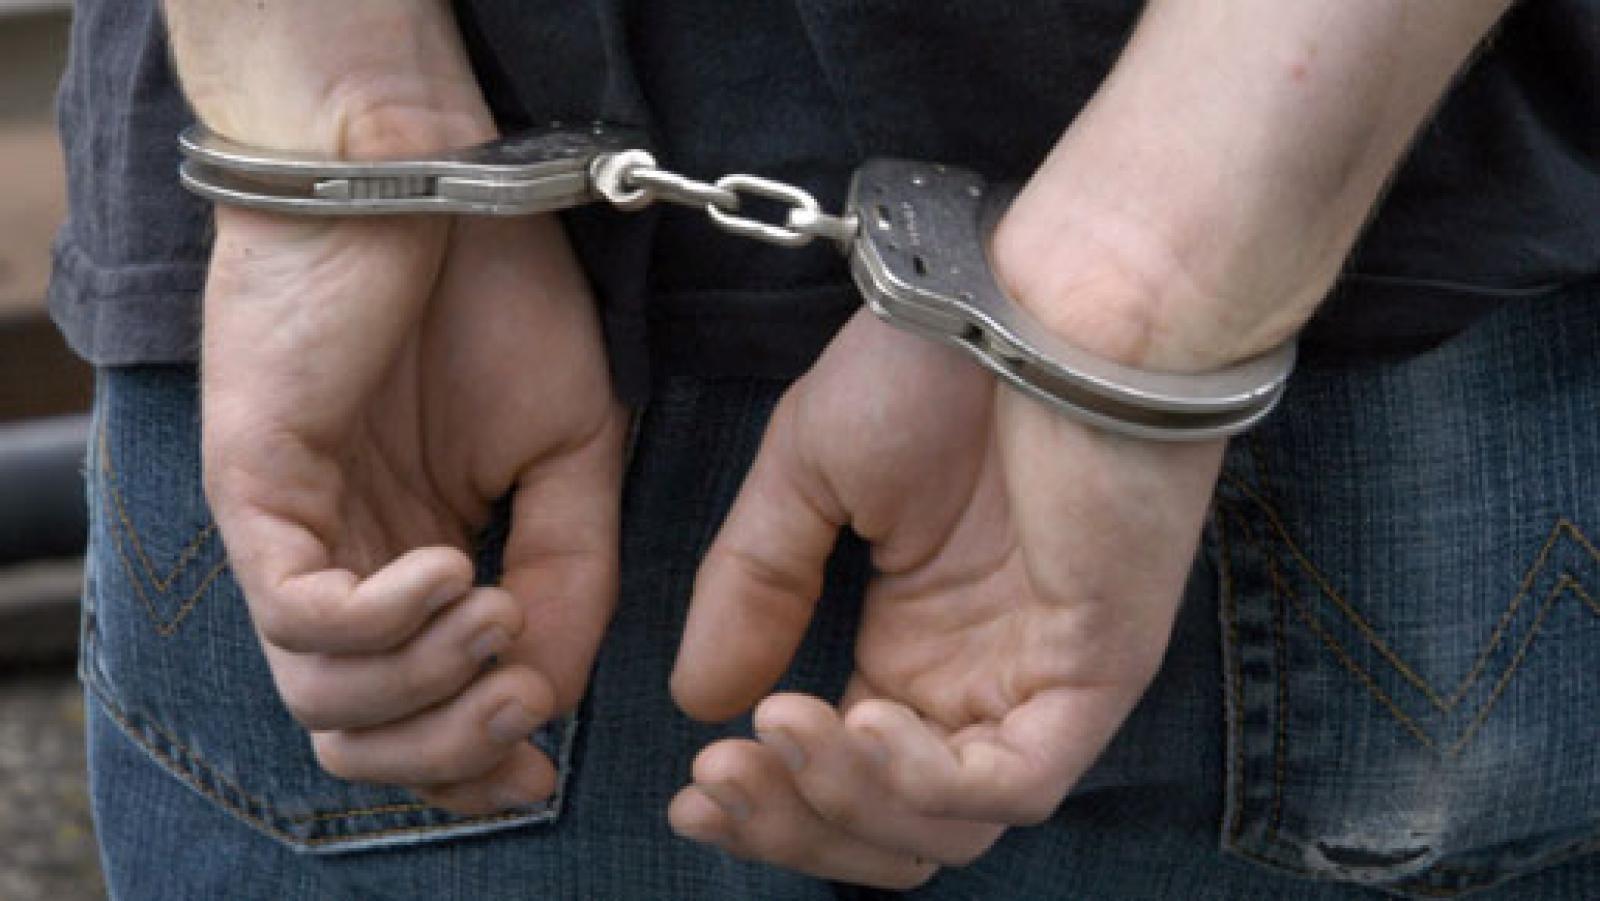 Отец исын избили, а потом изнасиловали женщину вБелгороде